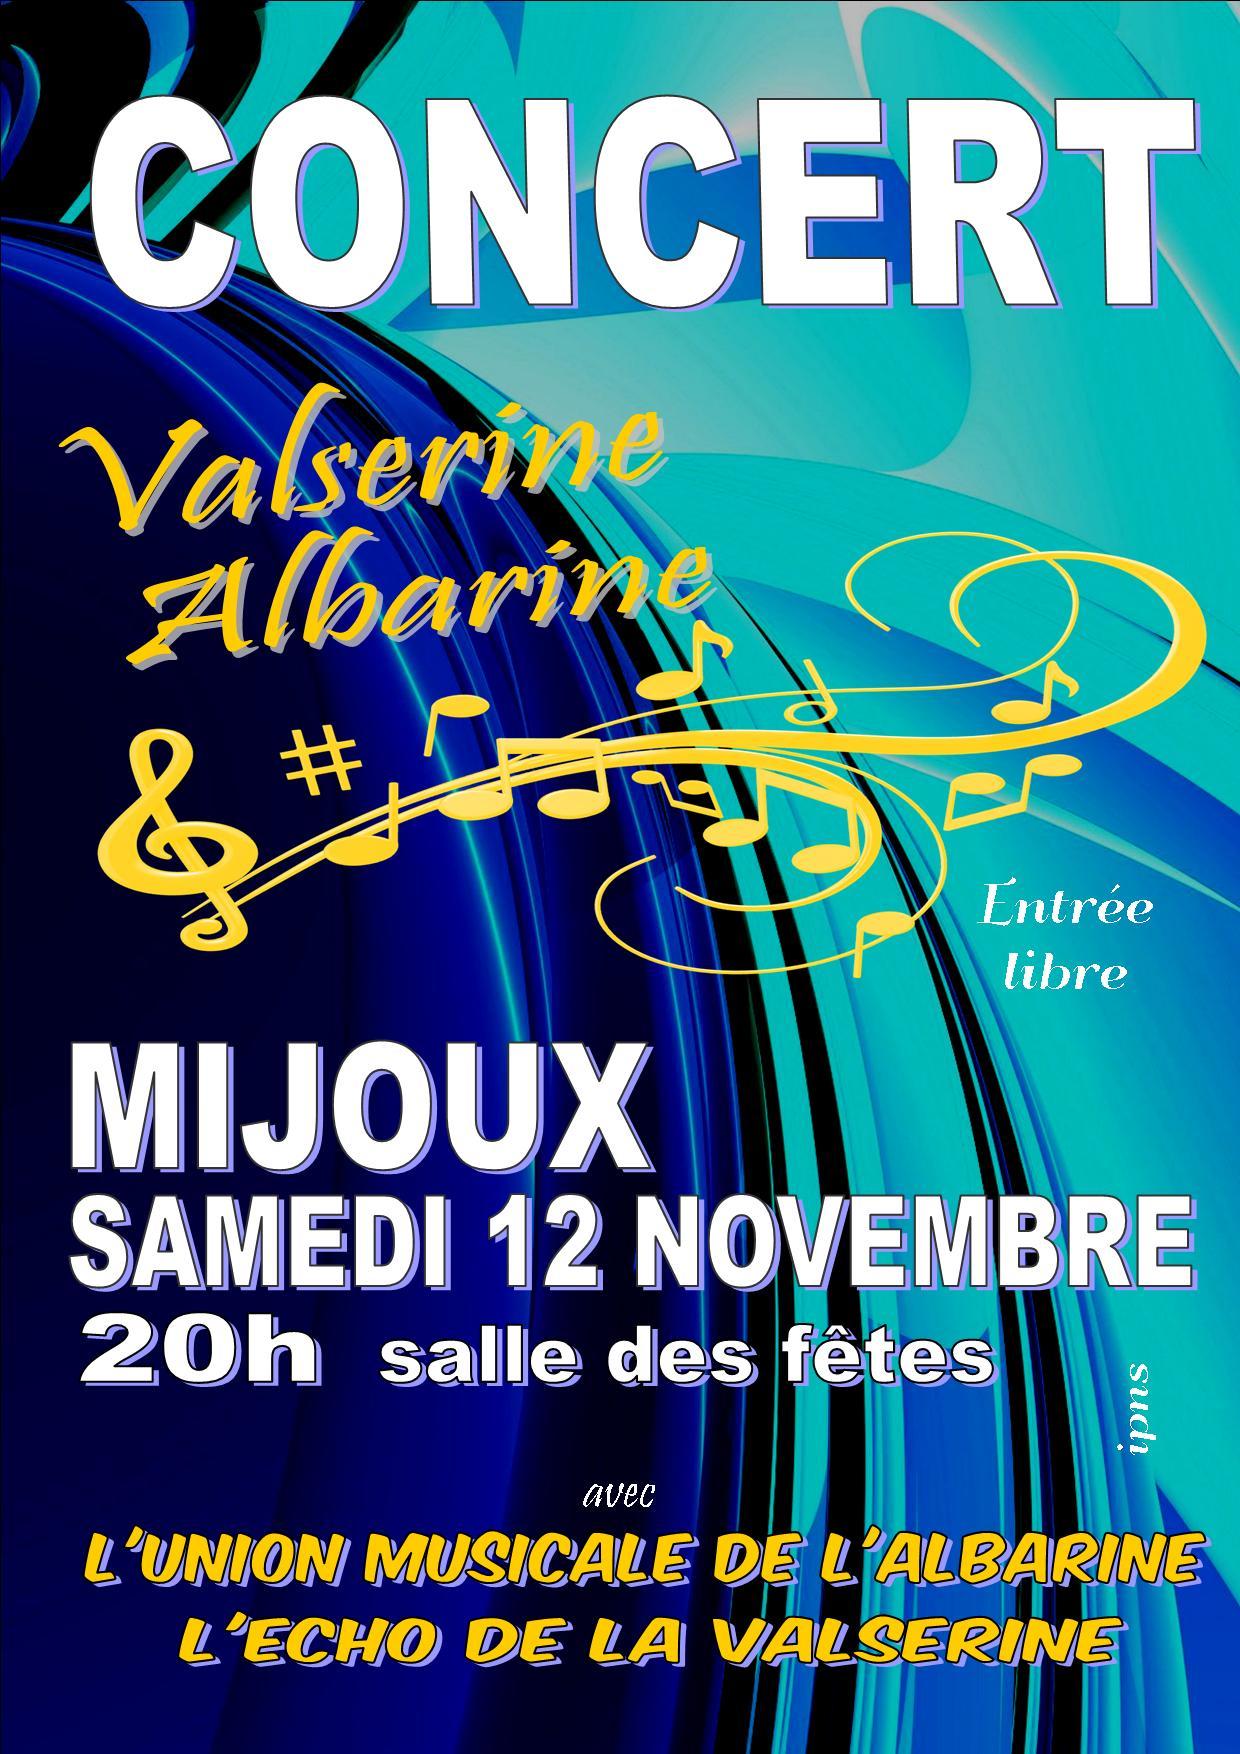 Concert Union Musicale Albarine Mijoux 12 novembre 2016